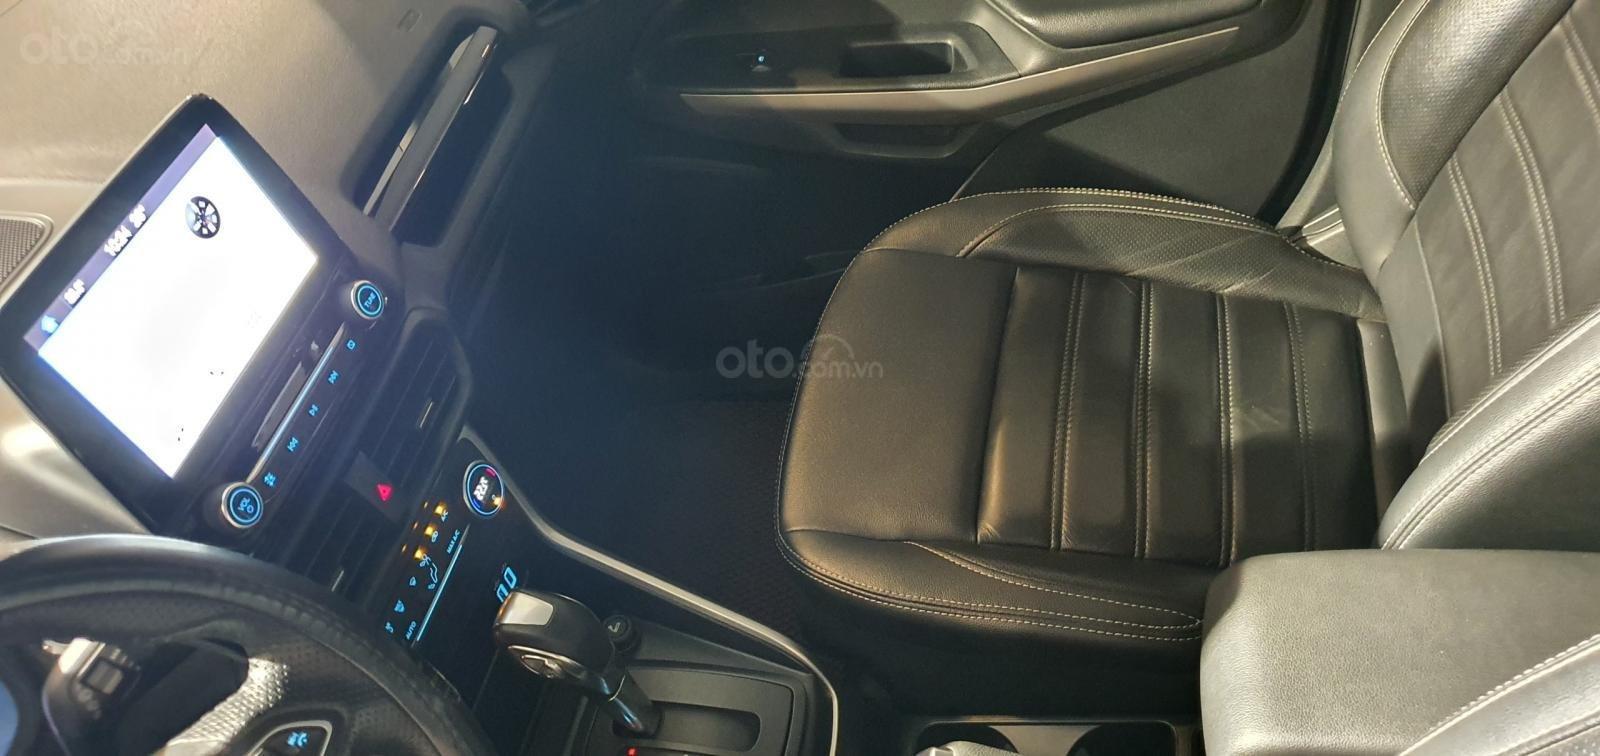 Ford Ecosport Titanium nâu 2018 xe đẹp cần tìm chủ (6)